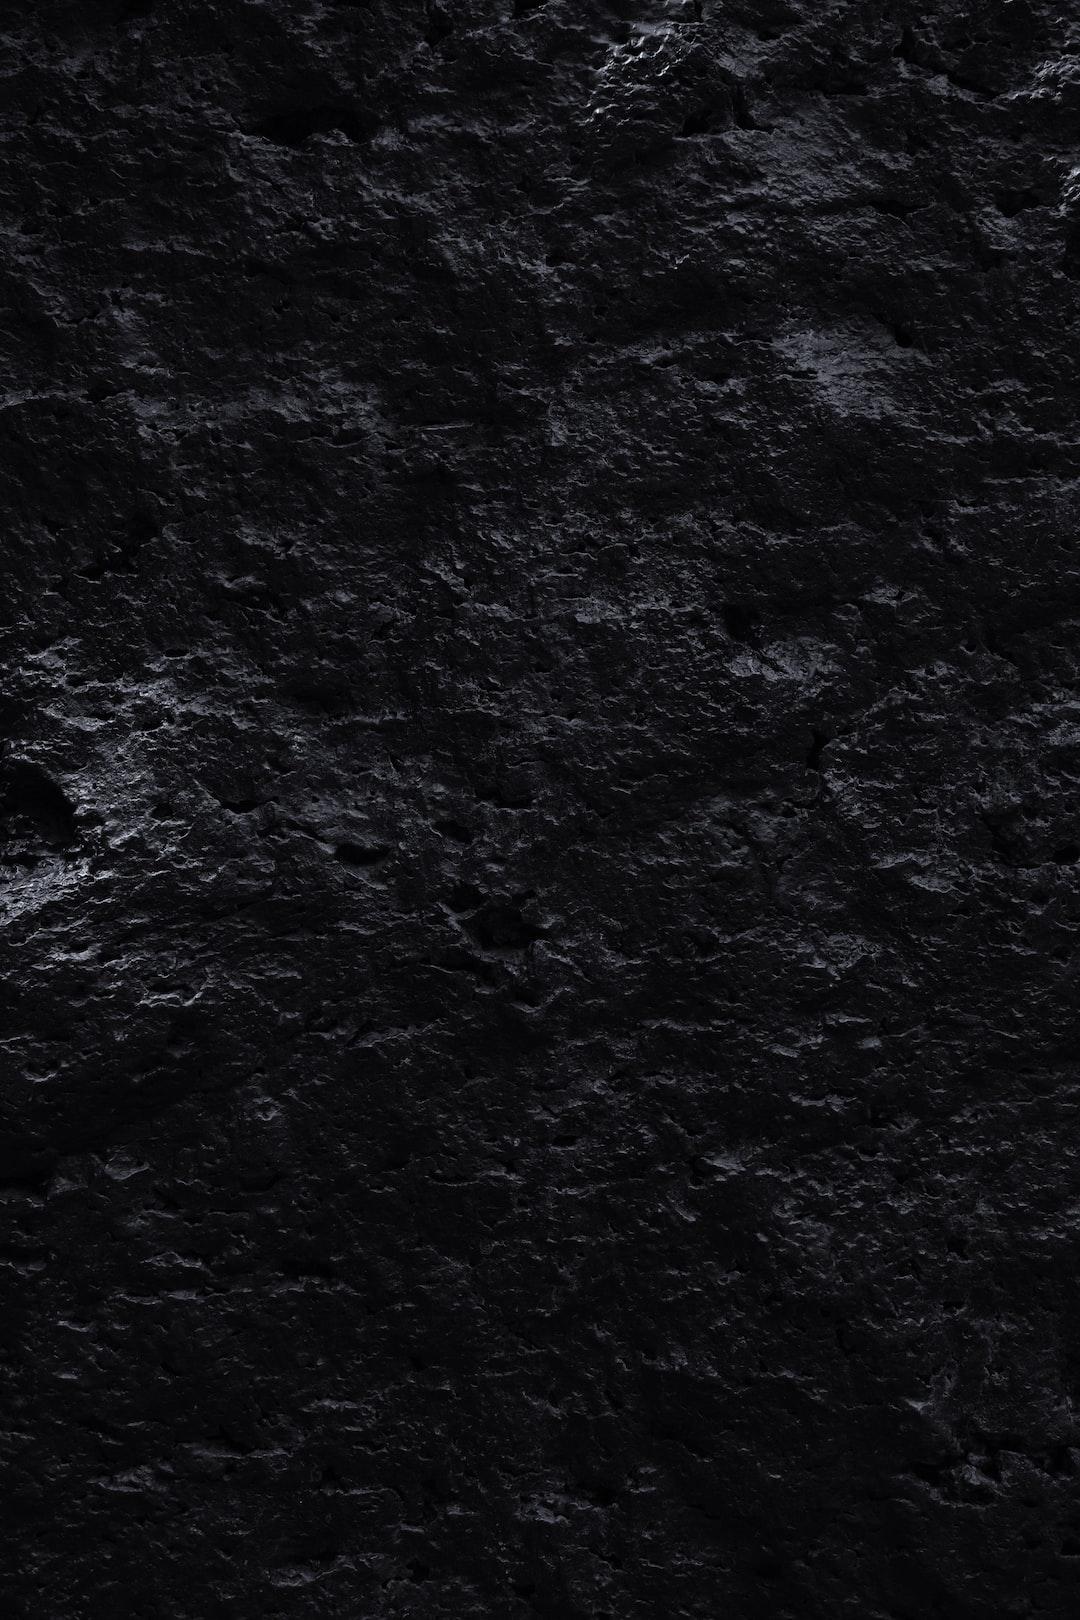 black rock pictures download free images on unsplash unsplash